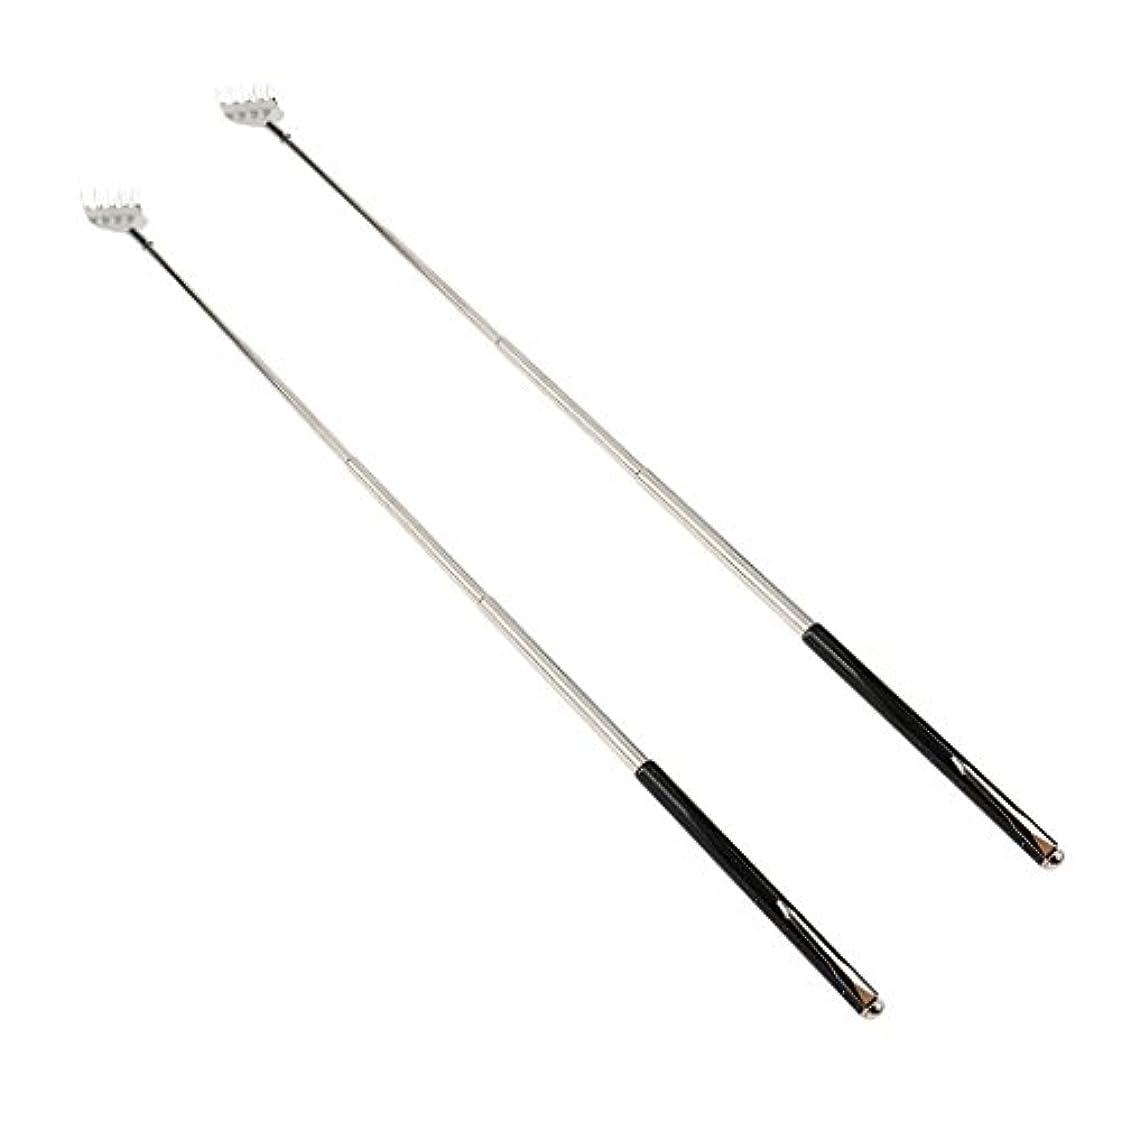 補うペダル意志に反するdailymall 2ピースバックスクラッチャー伸縮式爪拡張可能なかゆみハンドマッサージペンフック付き